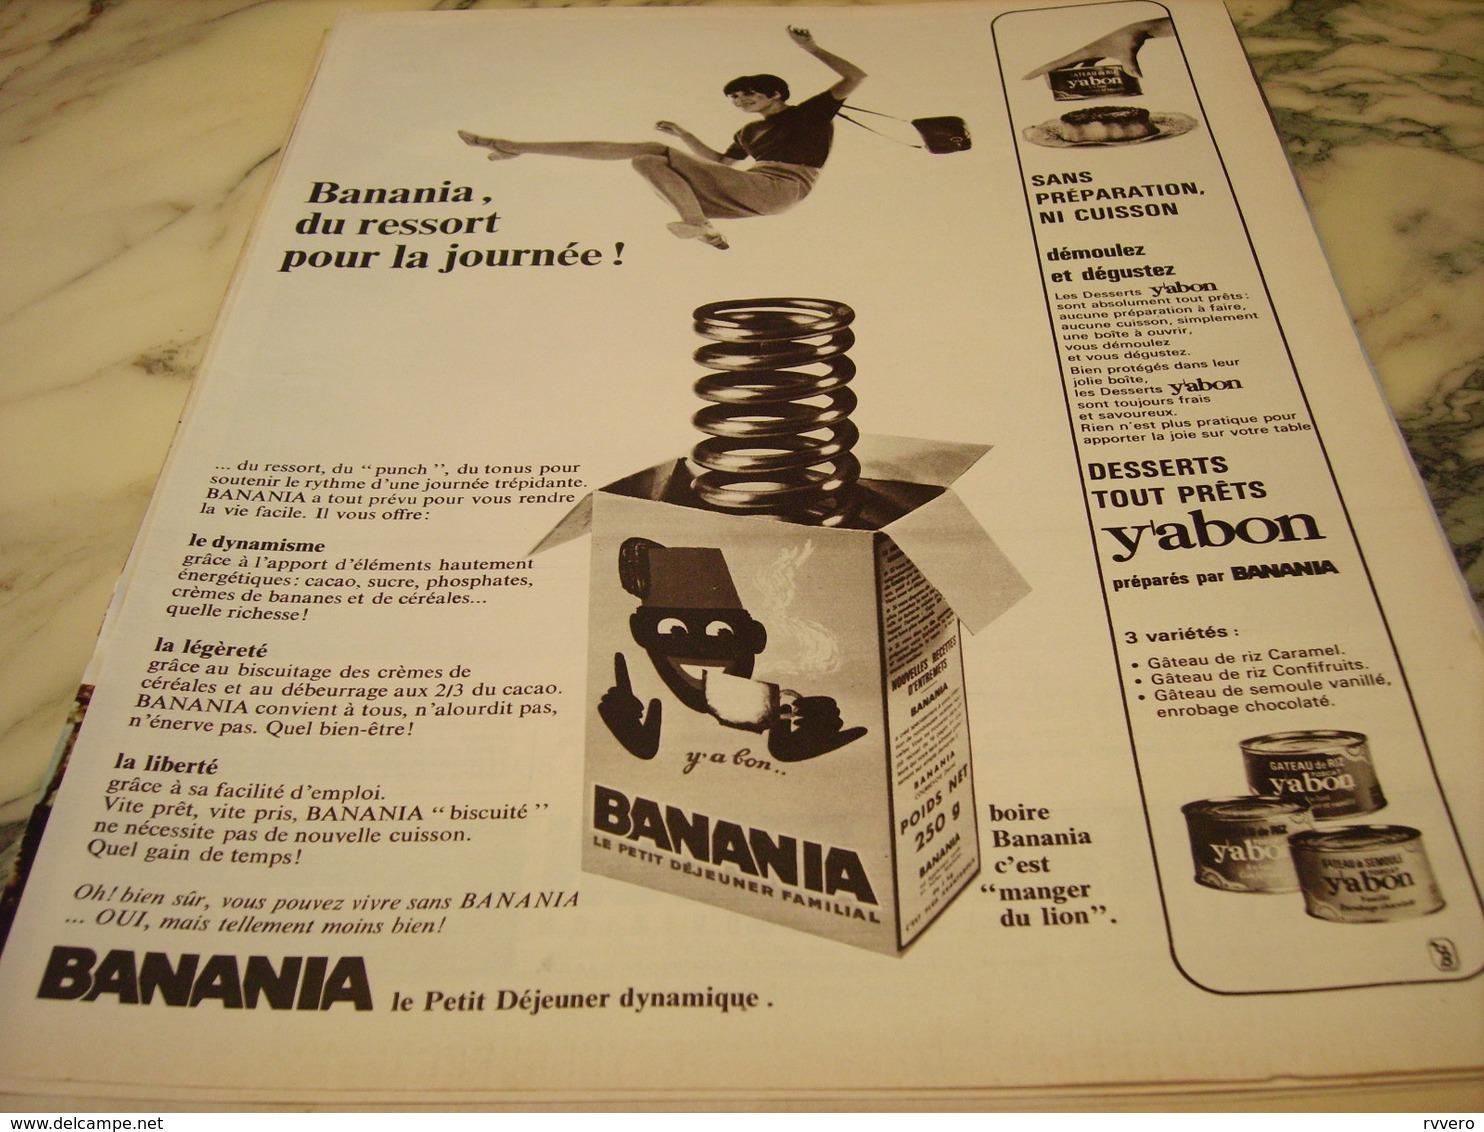 ANCIENNE PUBLICITE BANANIA DU RESSORT 1966 - Publicités